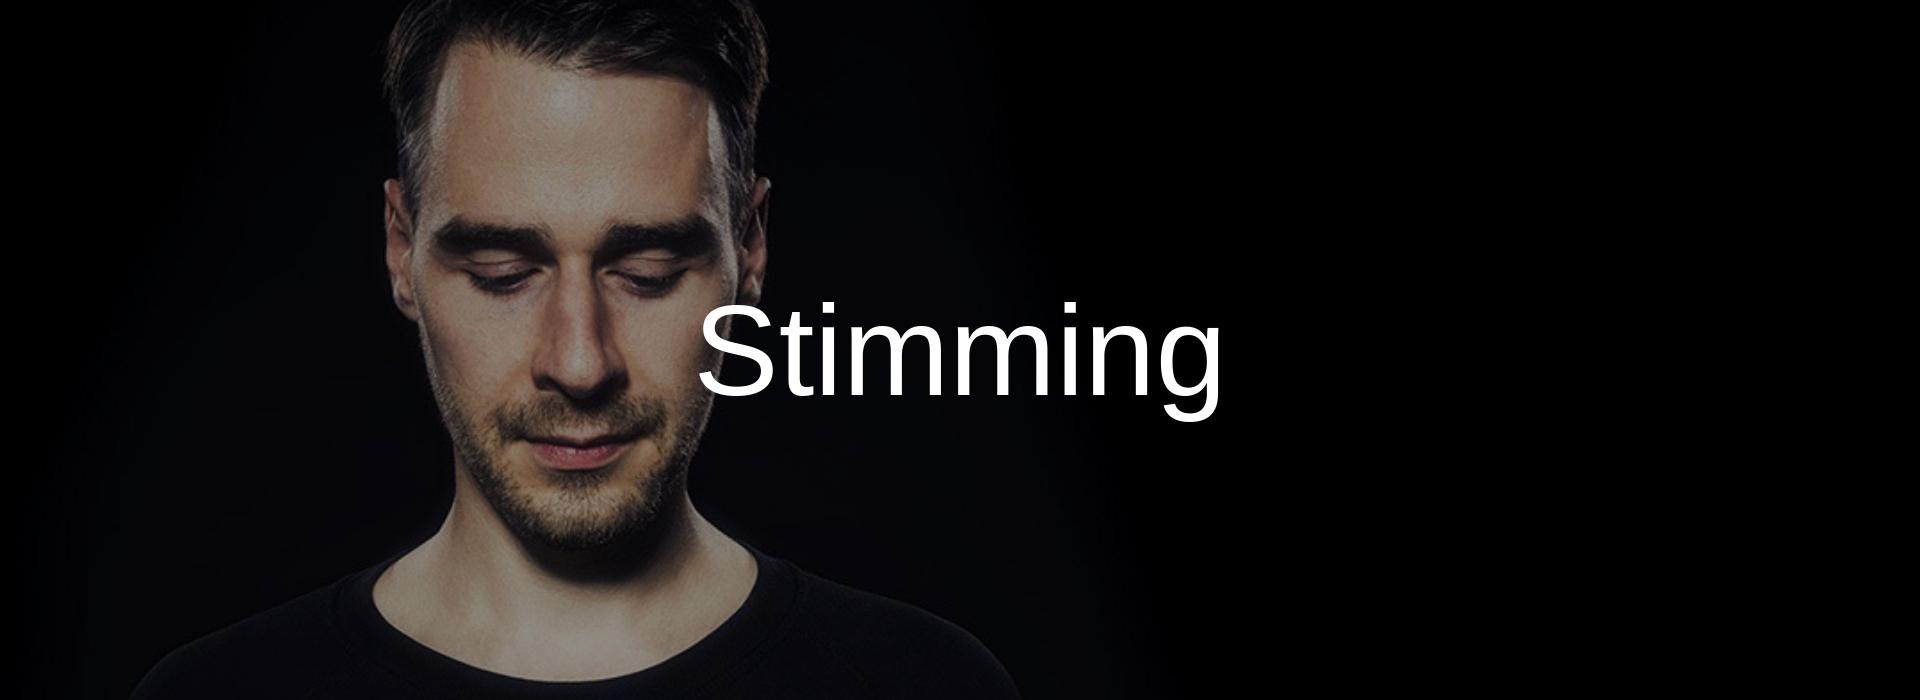 Stimming - Pyramind